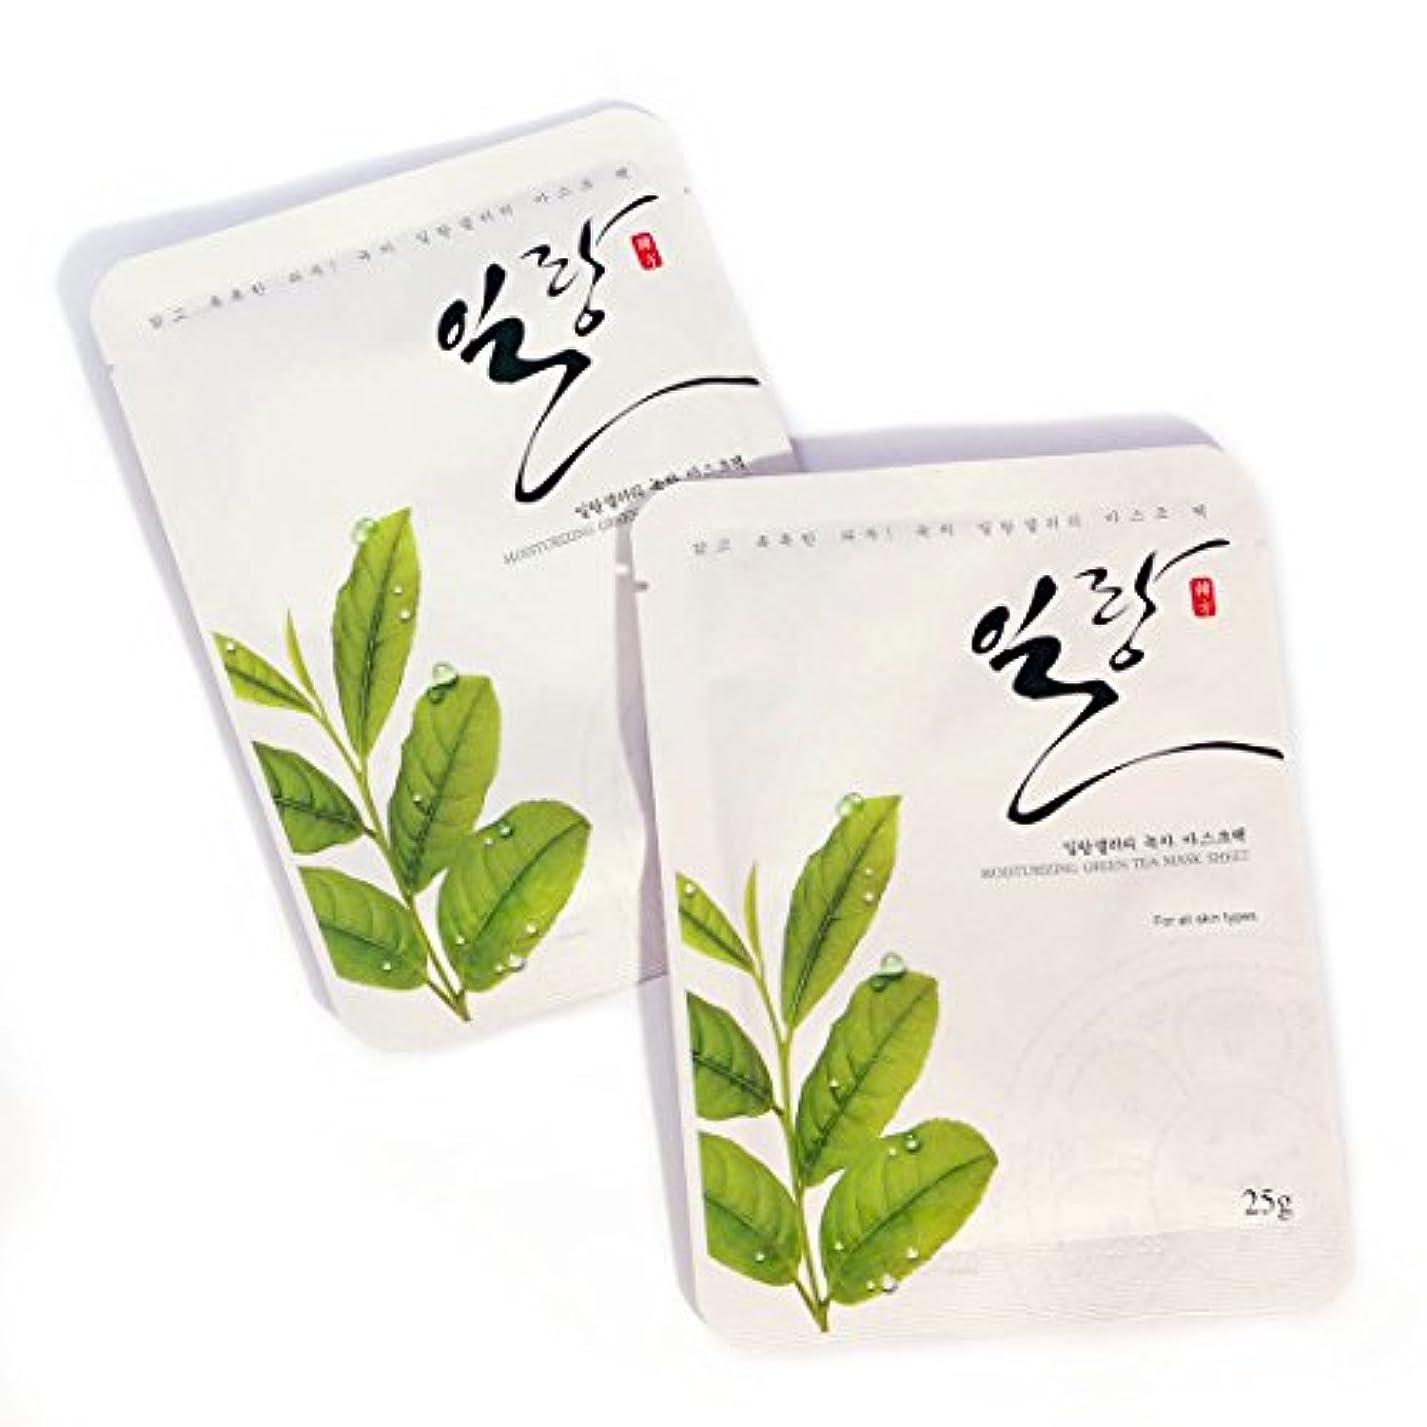 対応何か縫い目Ylang 韓国 伝統的な コラーゲン エッセンス フル 面 フェイシャル マスク 紙 シート - 25mlパック12個 - 緑茶 [並行輸入品]